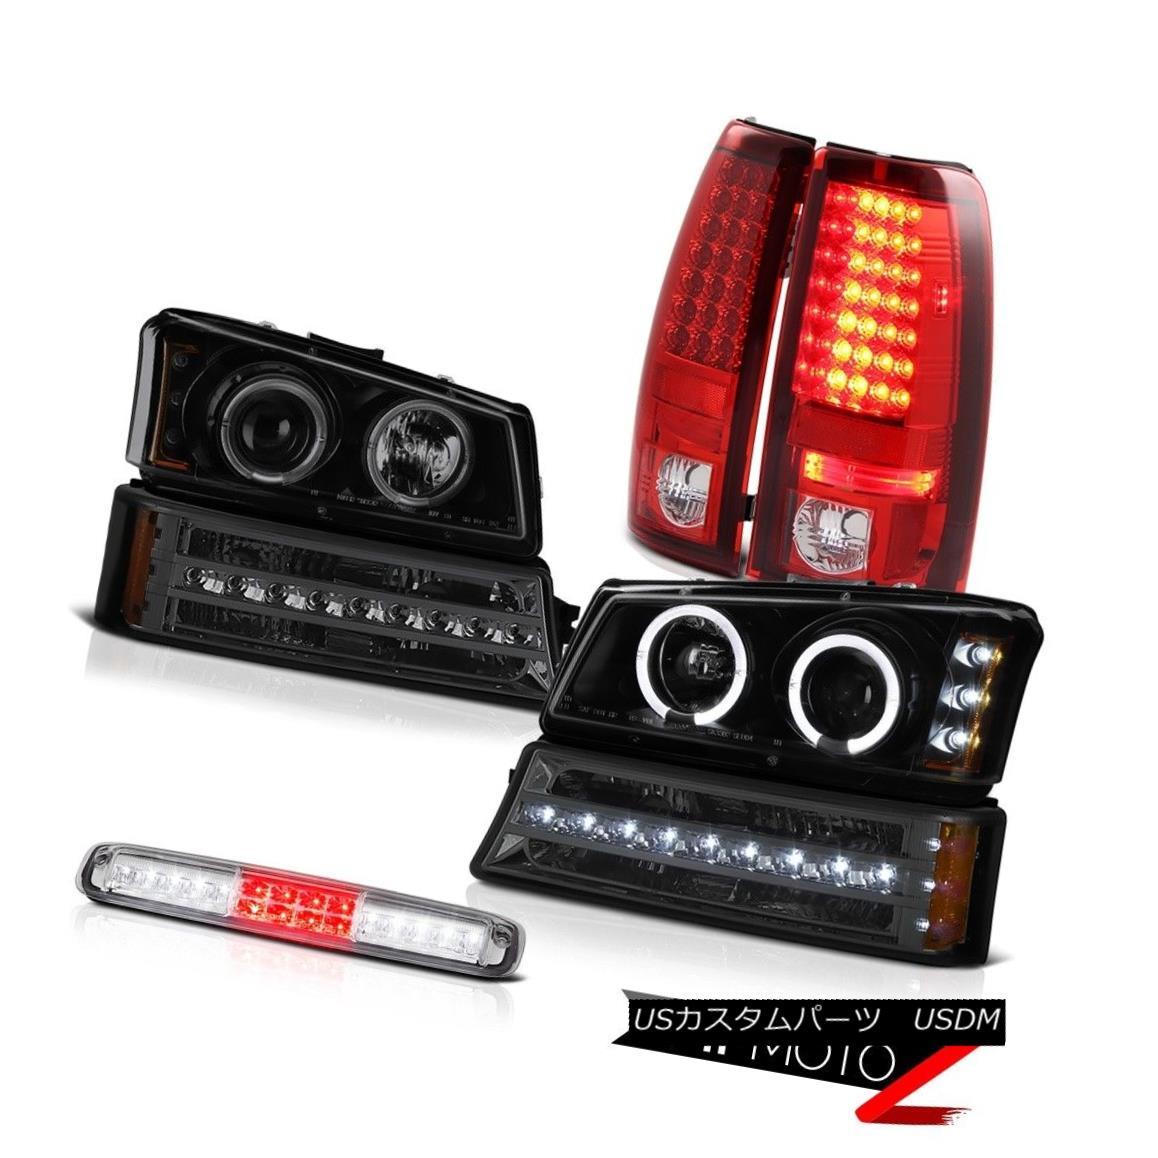 テールライト 03-06 Silverado Third Brake Lamp Dark Smoke Signal Headlamps Red Tail Lights 03-06 Silverado第3ブレーキランプダークスモークシグナルヘッドランプレッドテールライト